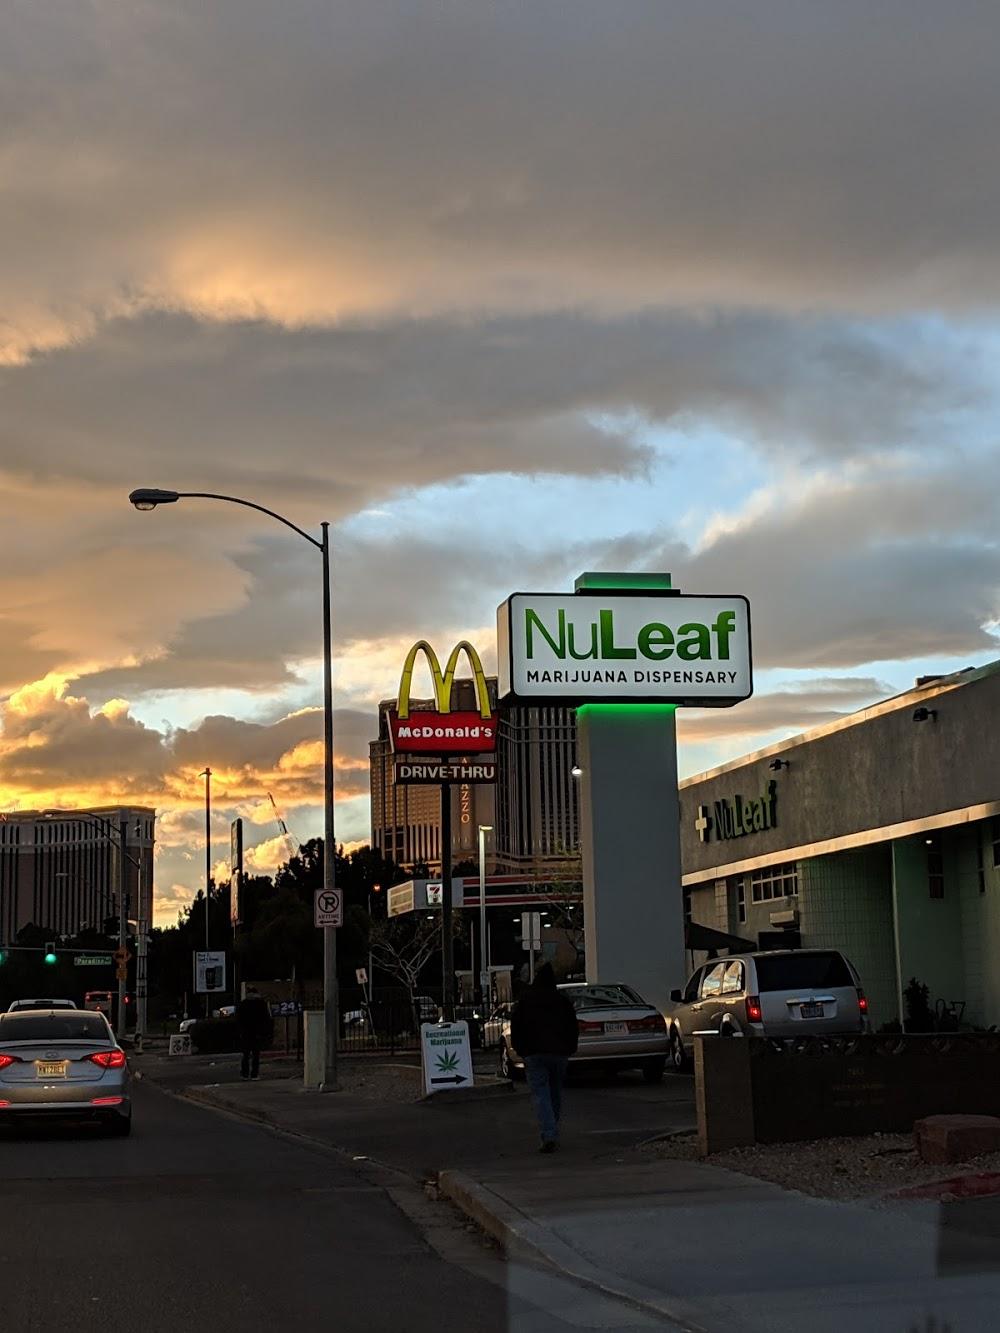 NuLeaf Las Vegas Dispensary